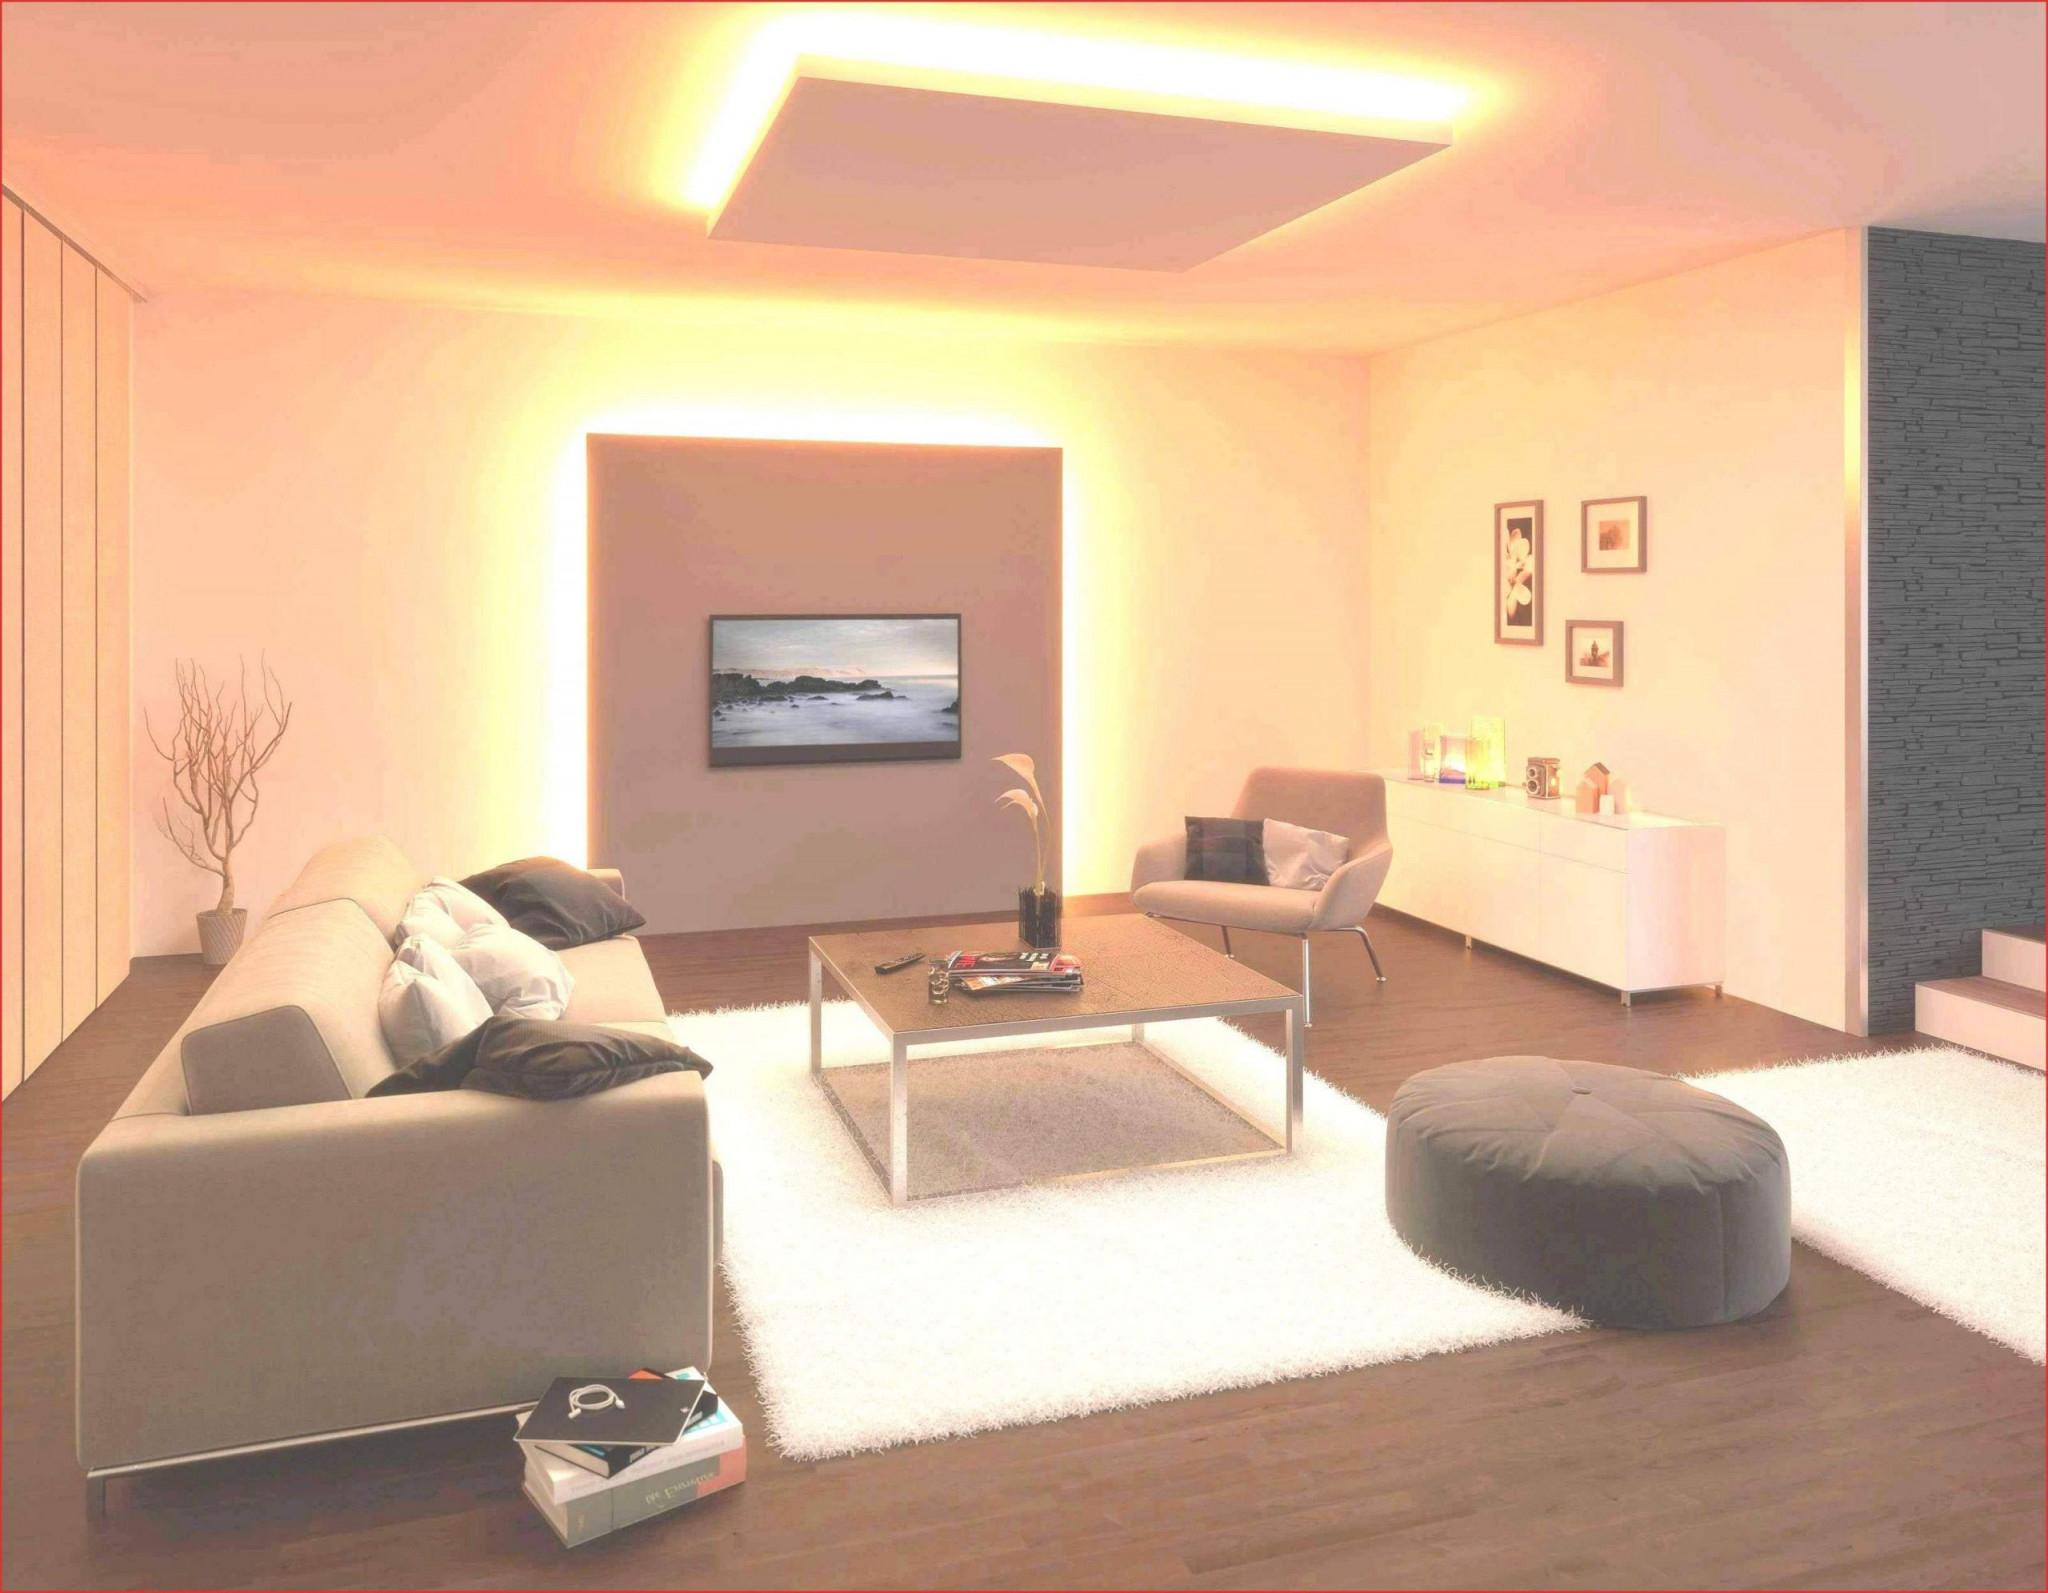 29 Frisch Led Deckenleuchte Wohnzimmer Neu  Wohnzimmer Frisch von Deckenleuchte Großes Wohnzimmer Bild